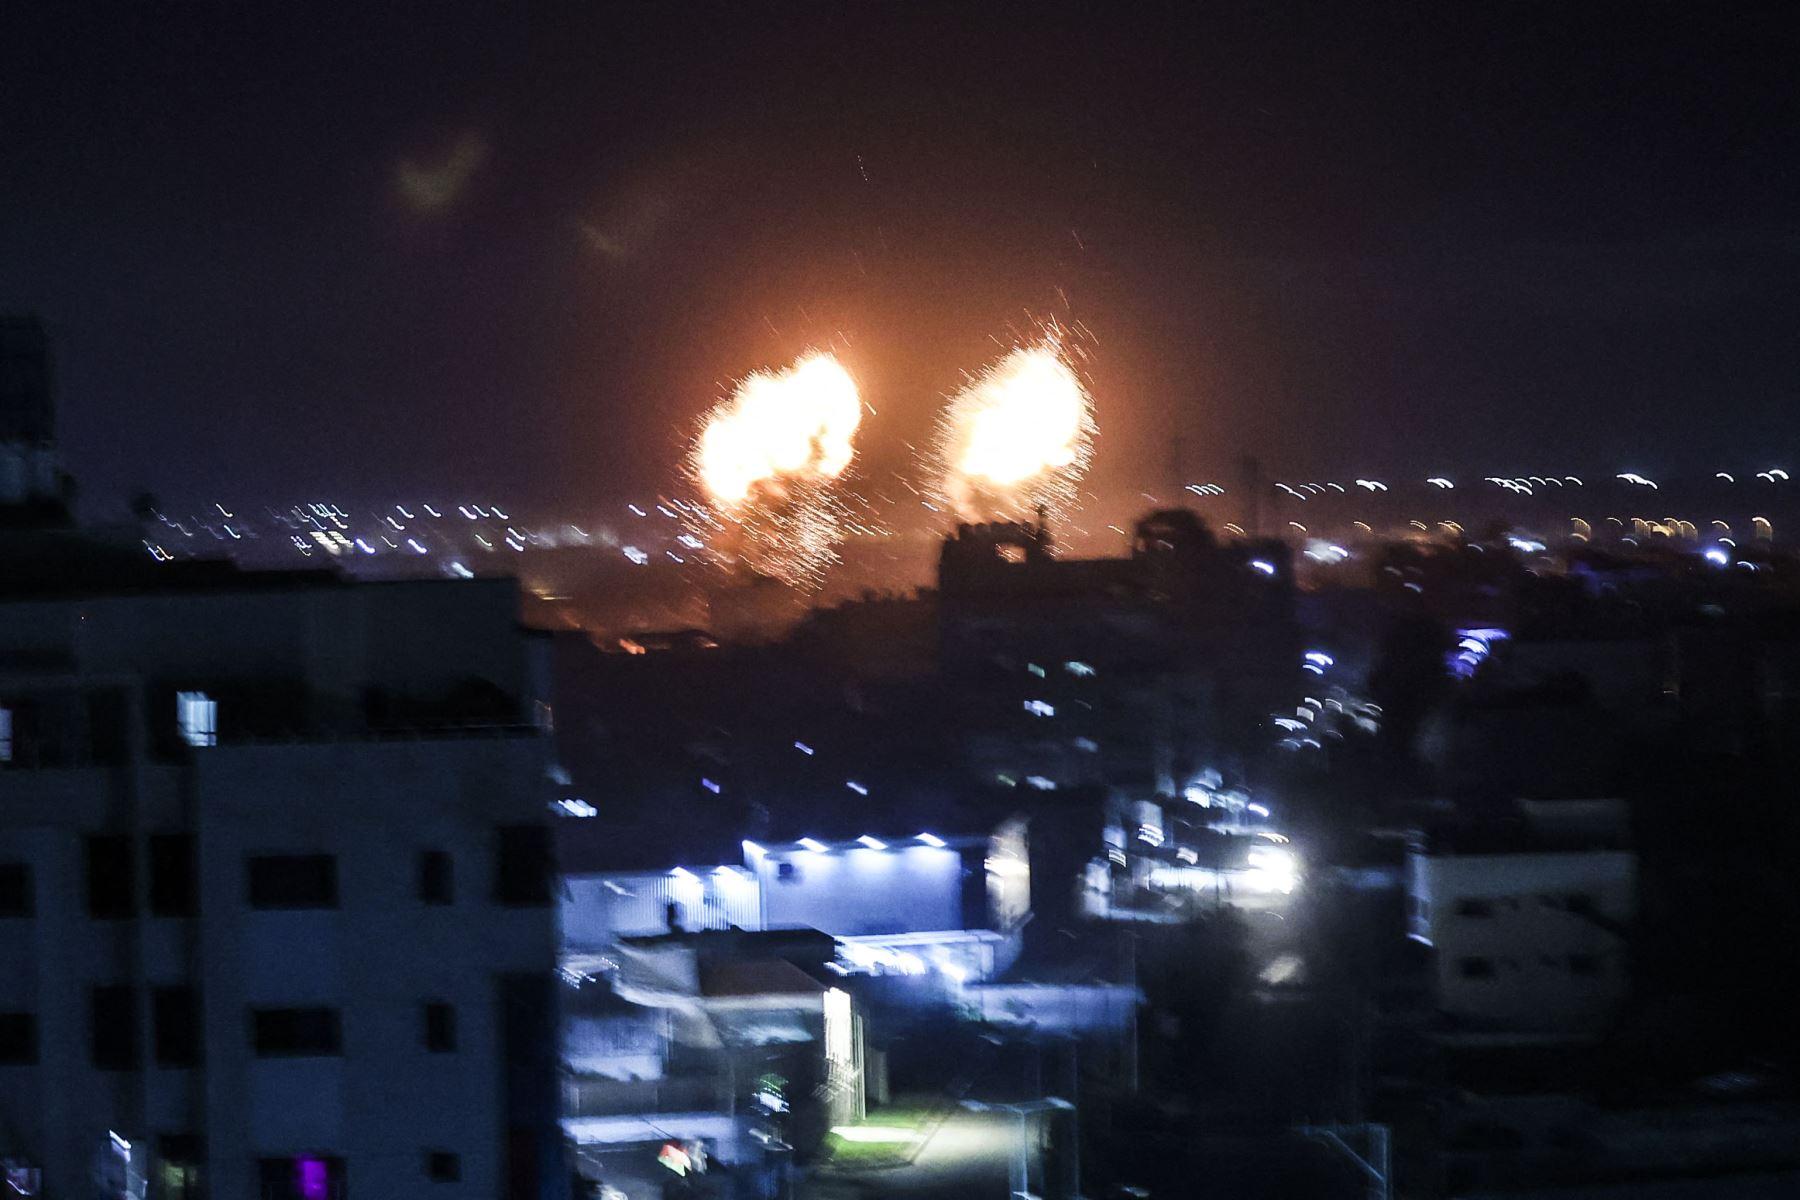 Las explosiones iluminan el cielo sobre los edificios en Gaza, mientras las fuerzas israelíes bombardean el enclave palestino. Foto: AFP.